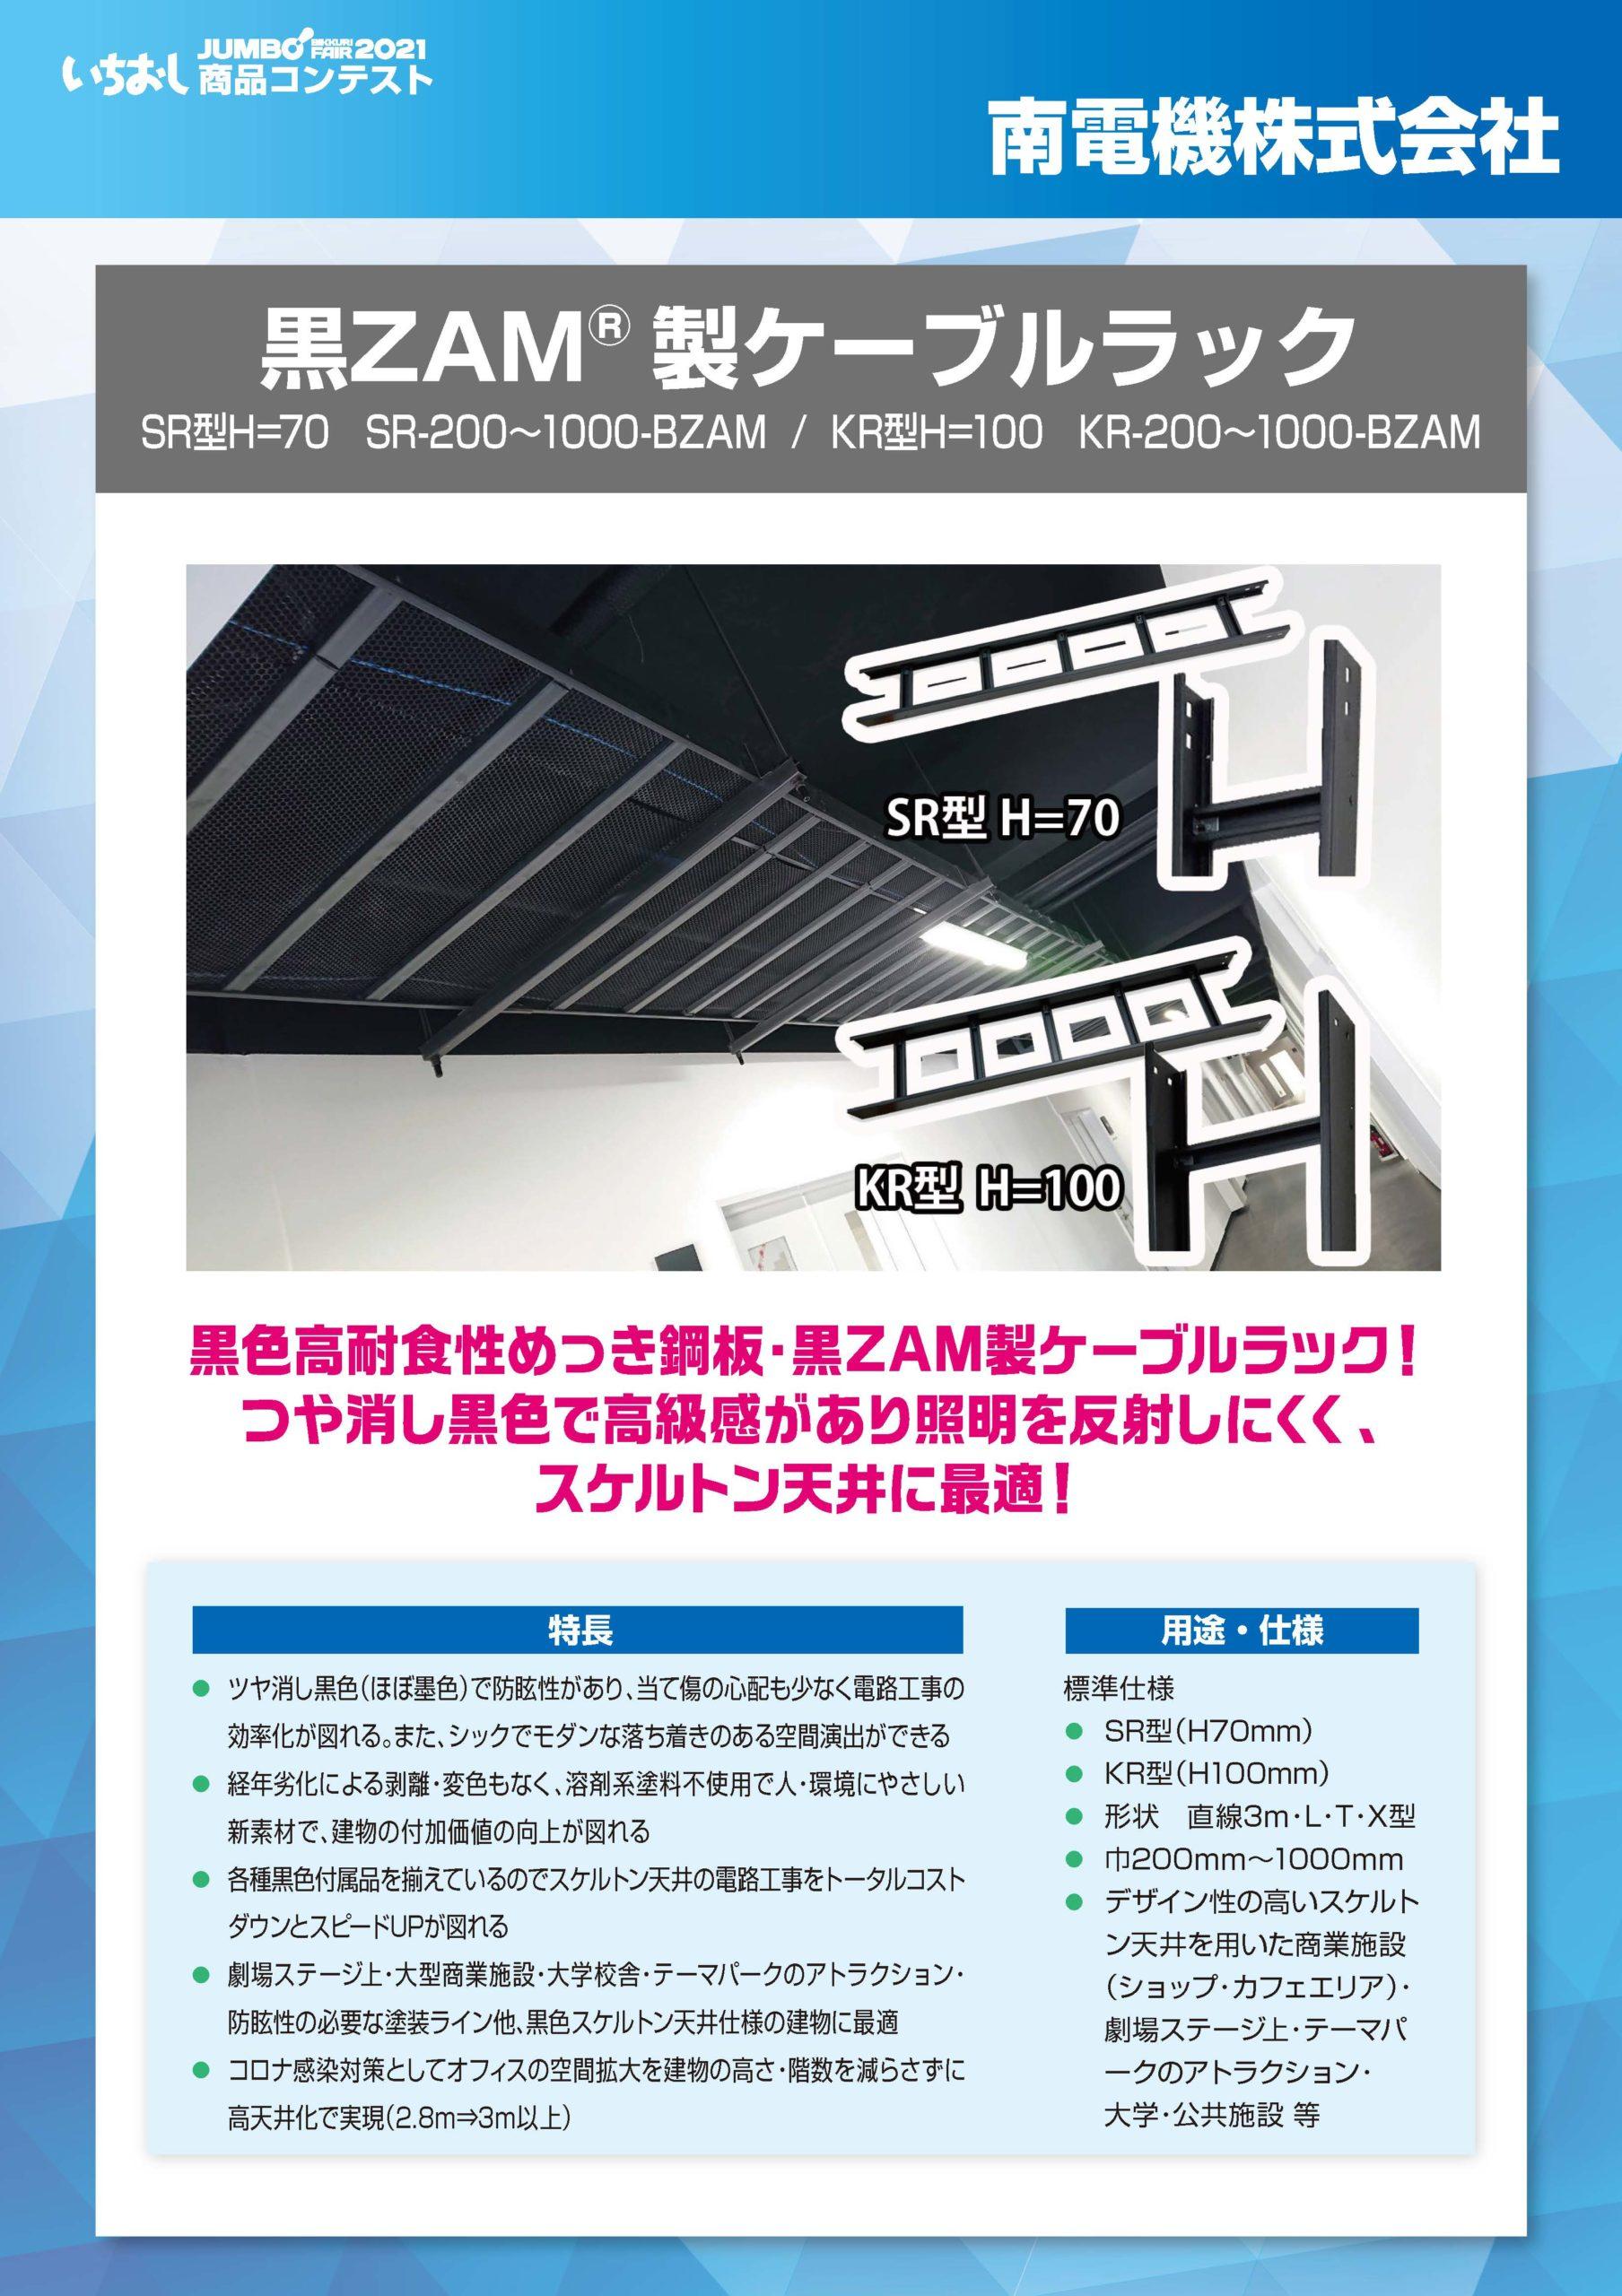 「黒ZAM®製ケーブルラック」南電機株式会社の画像